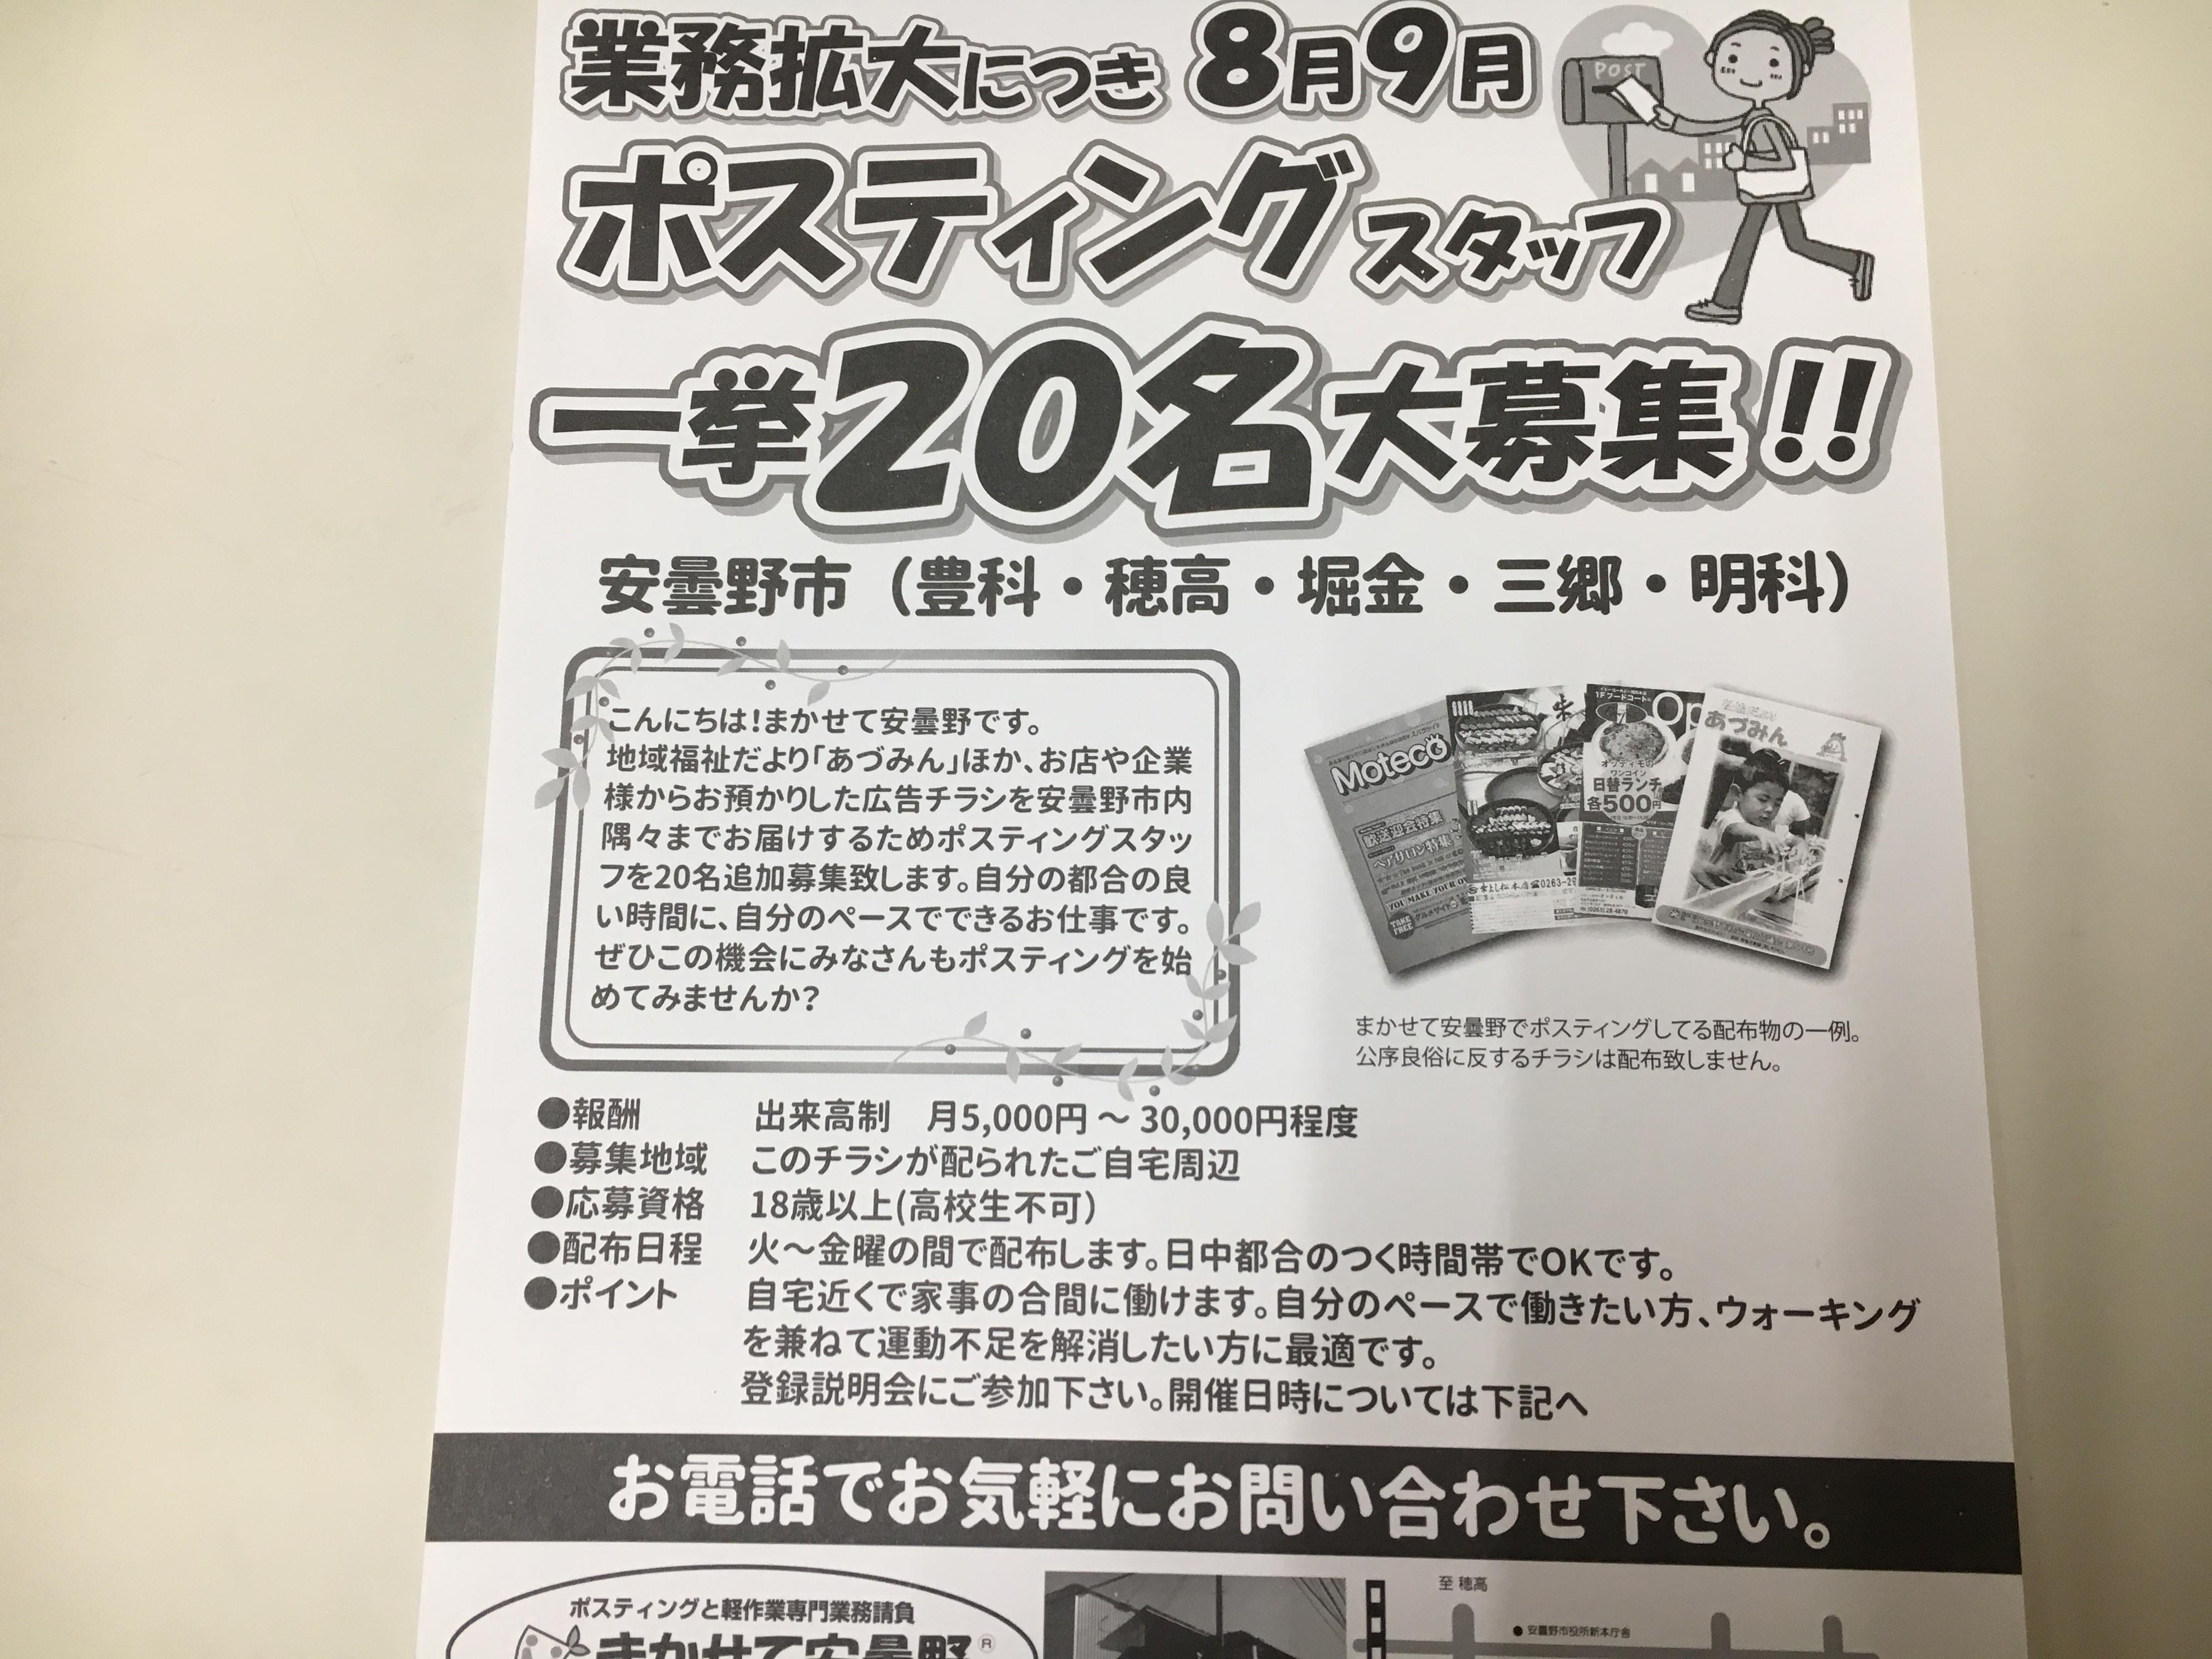 安曇野スタッフ募集!!